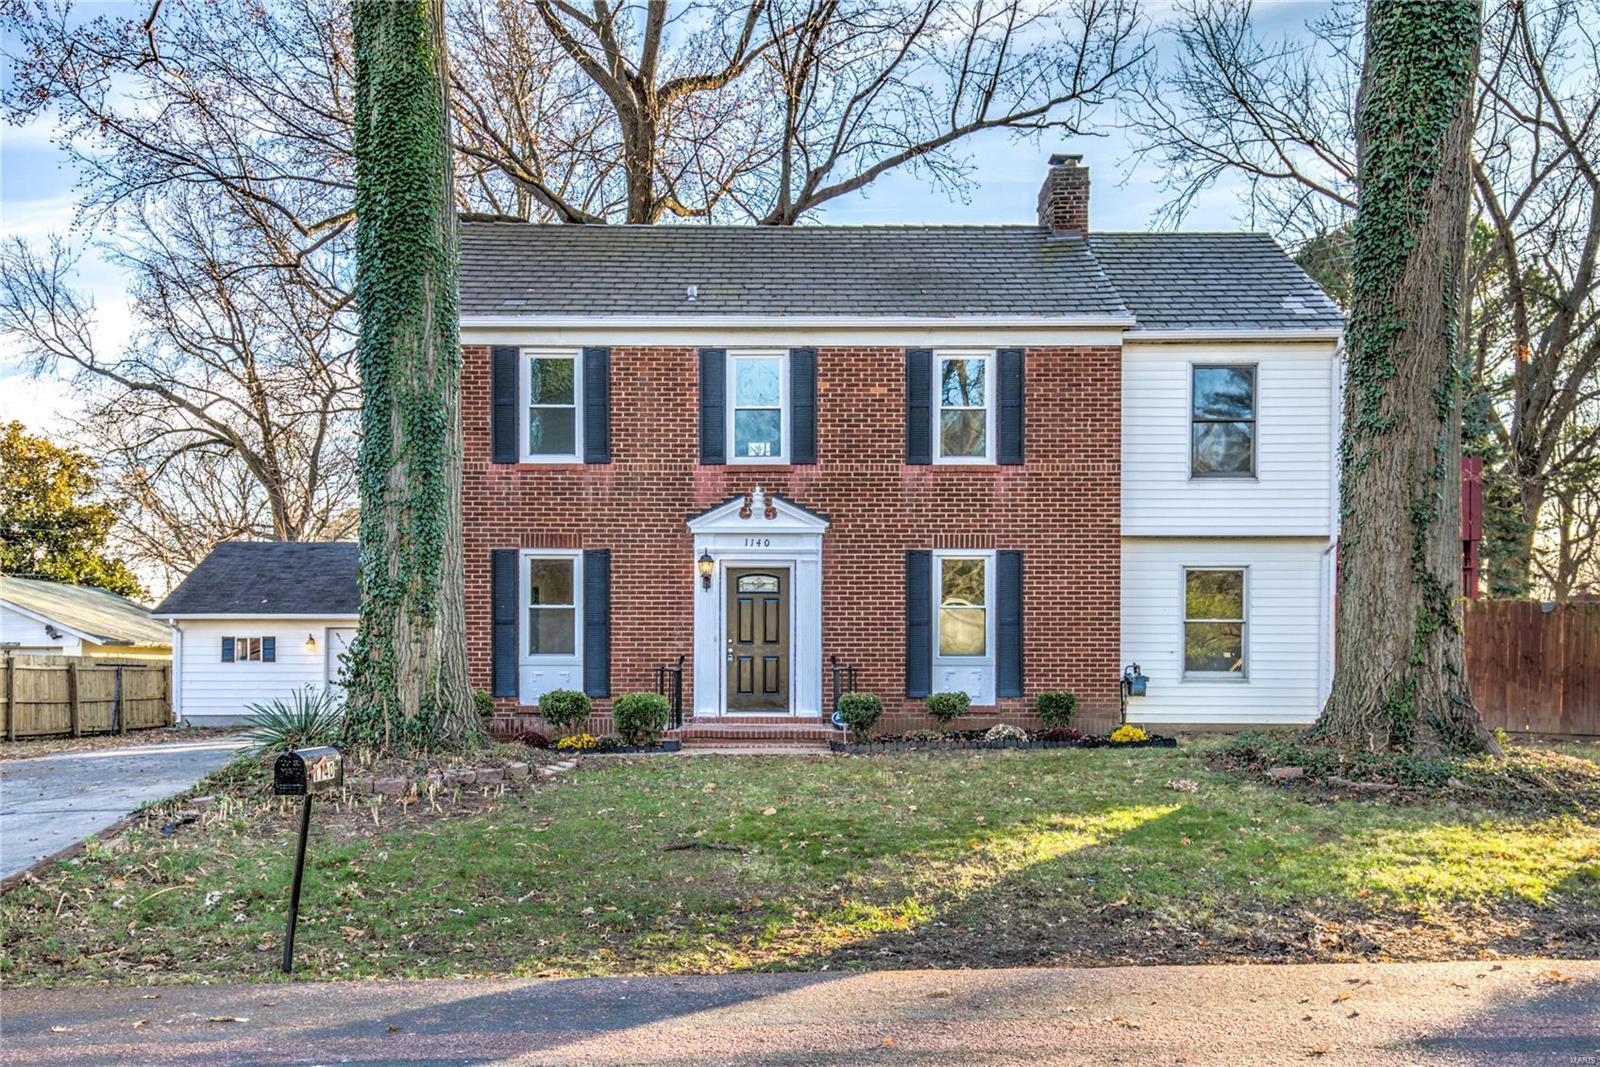 1140 Burgos Property Photo - St Louis, MO real estate listing